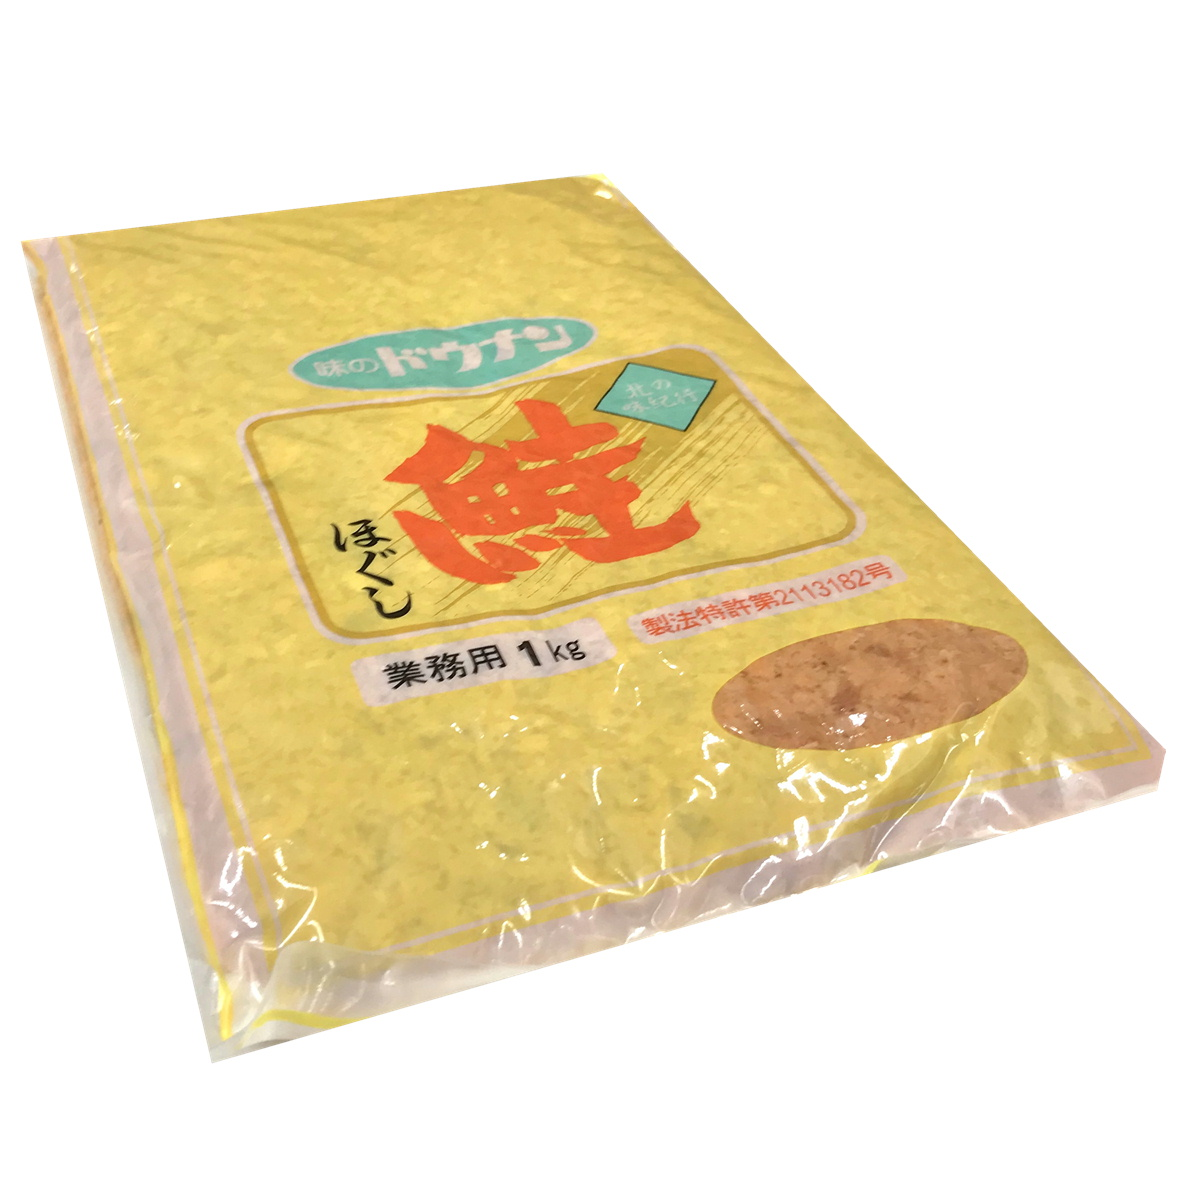 鮭 ほぐし フレーク 1kg ×4袋/道南冷蔵【業務用】おむすび、ごはんのお供、チャーハン等に【常温便】